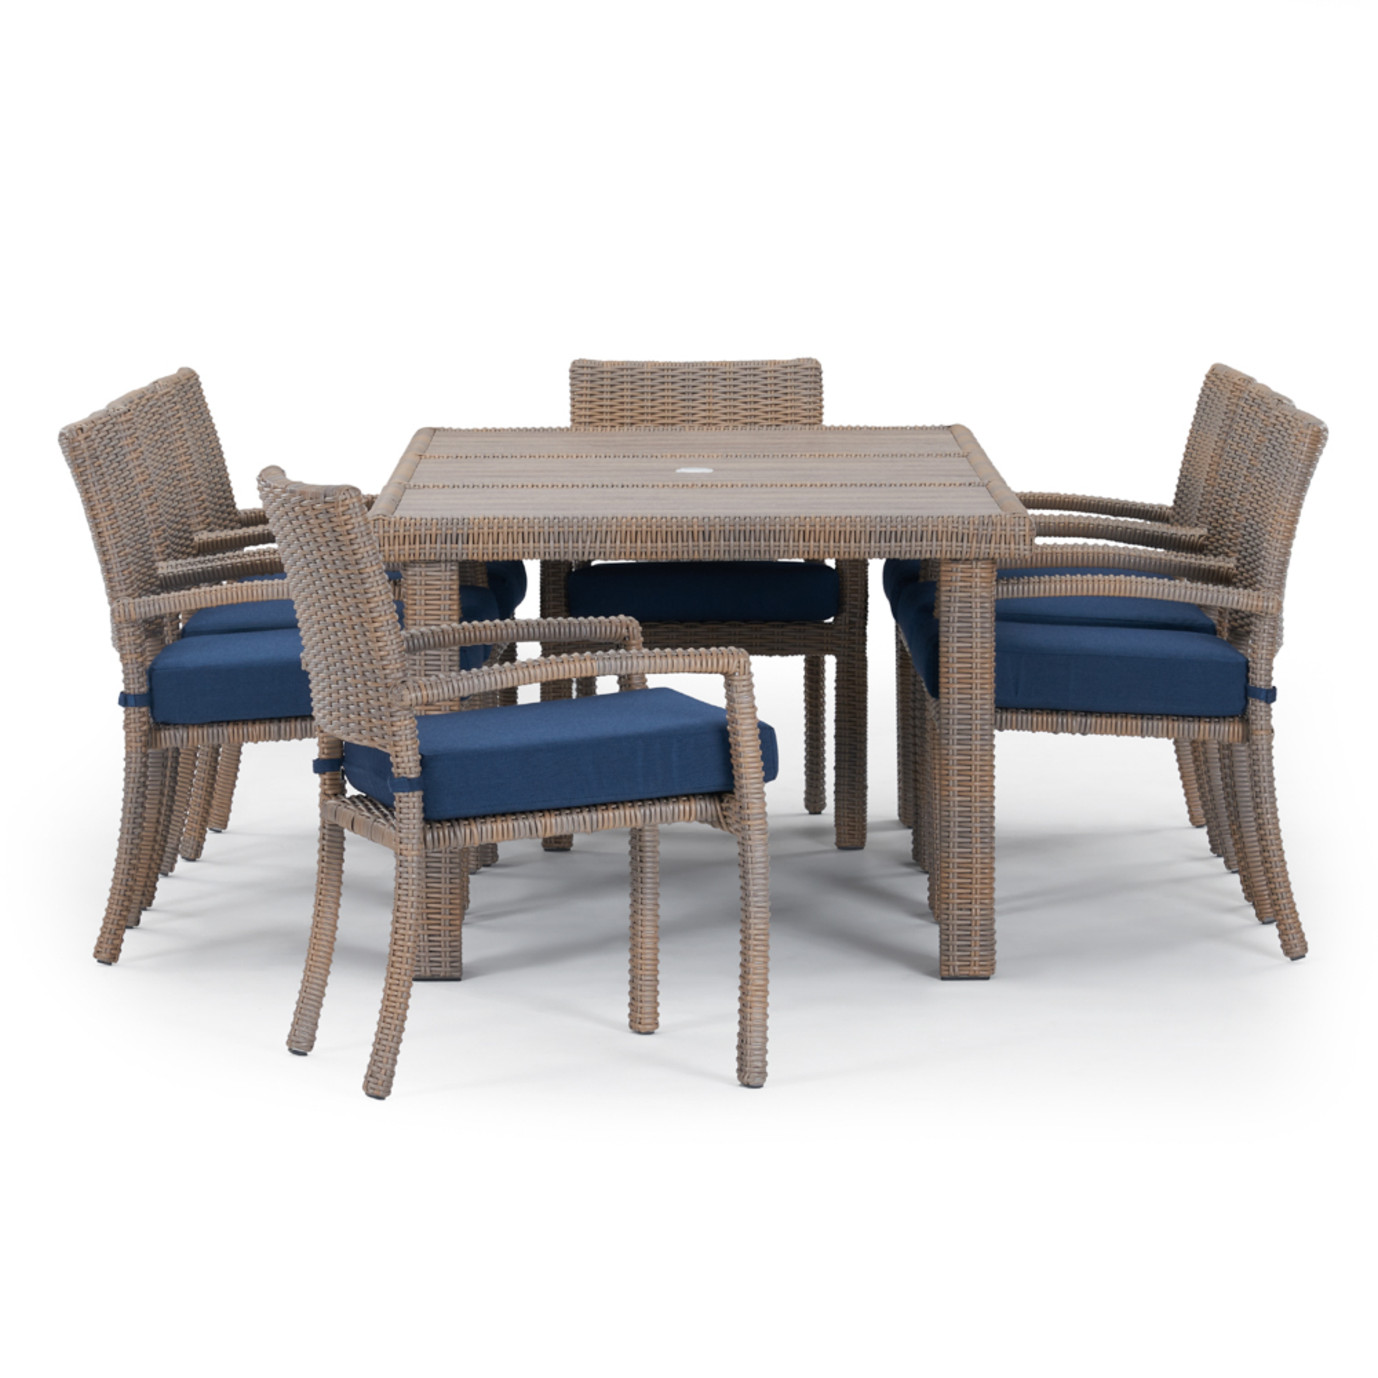 Portofino Repose 19 Piece Estate Collection - Laguna Blue